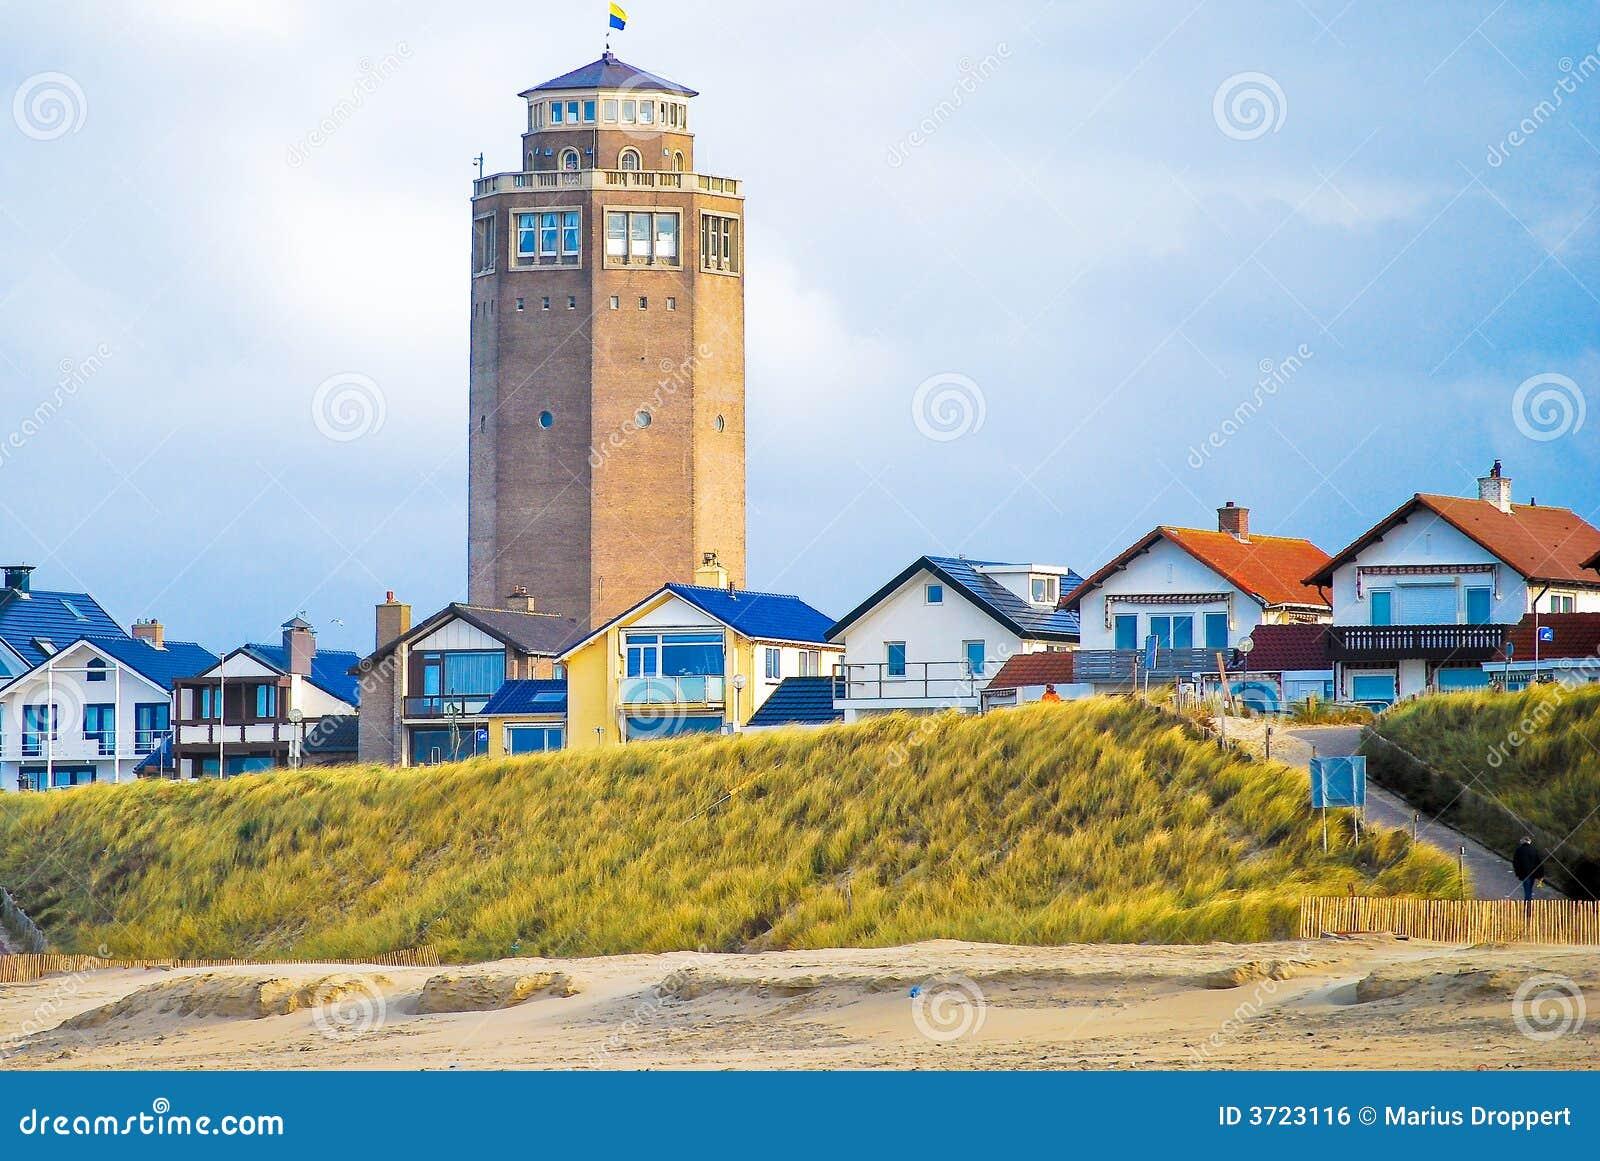 Torre de água com casas